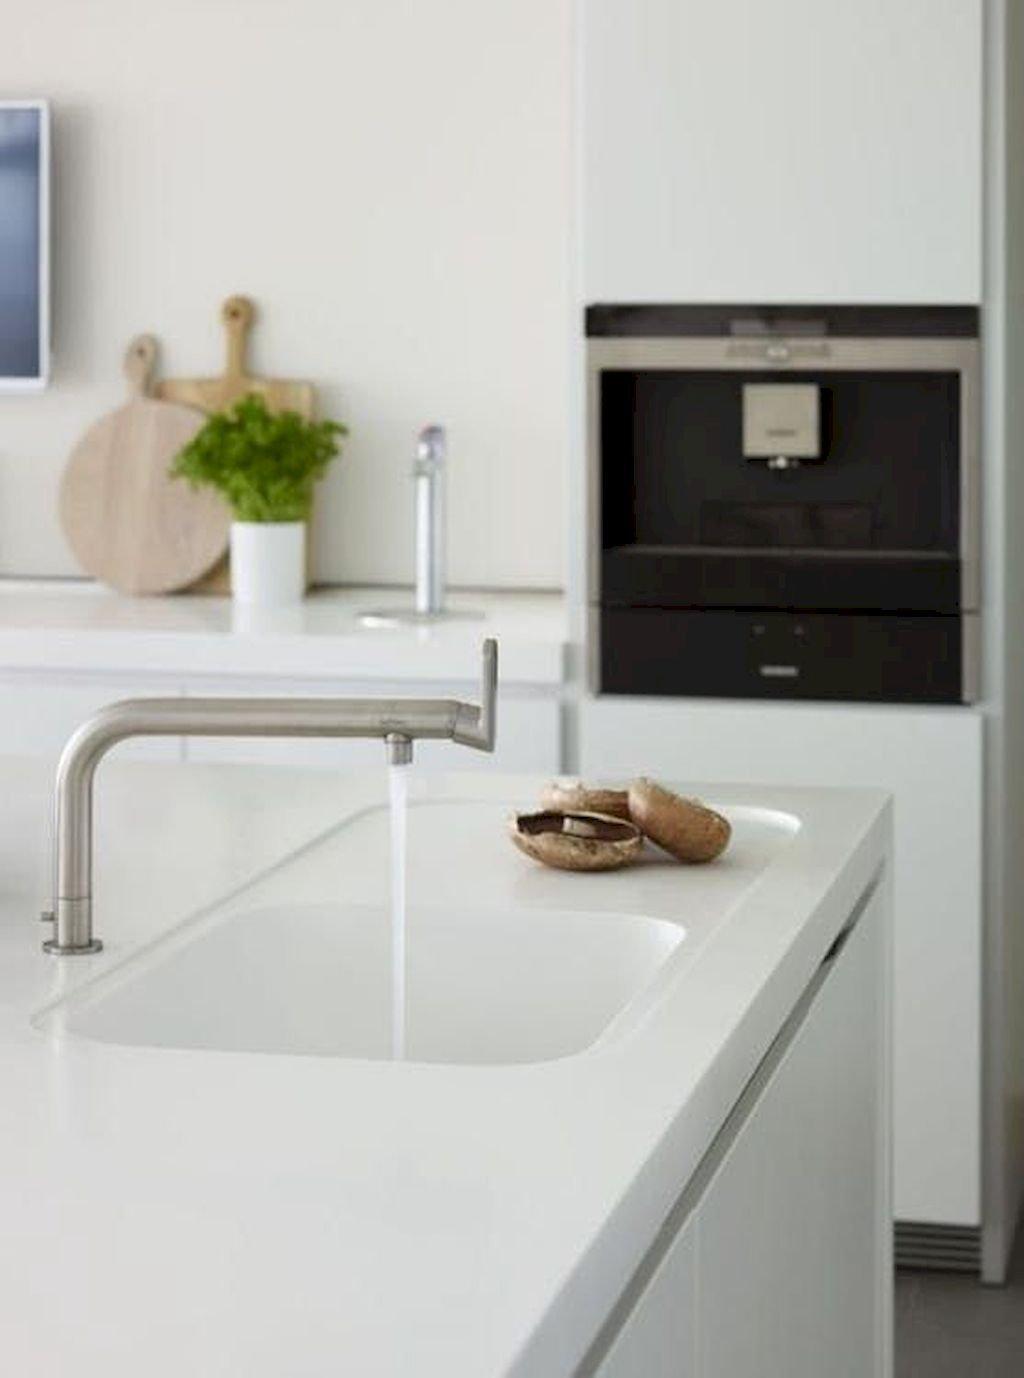 Kitchen Sink068